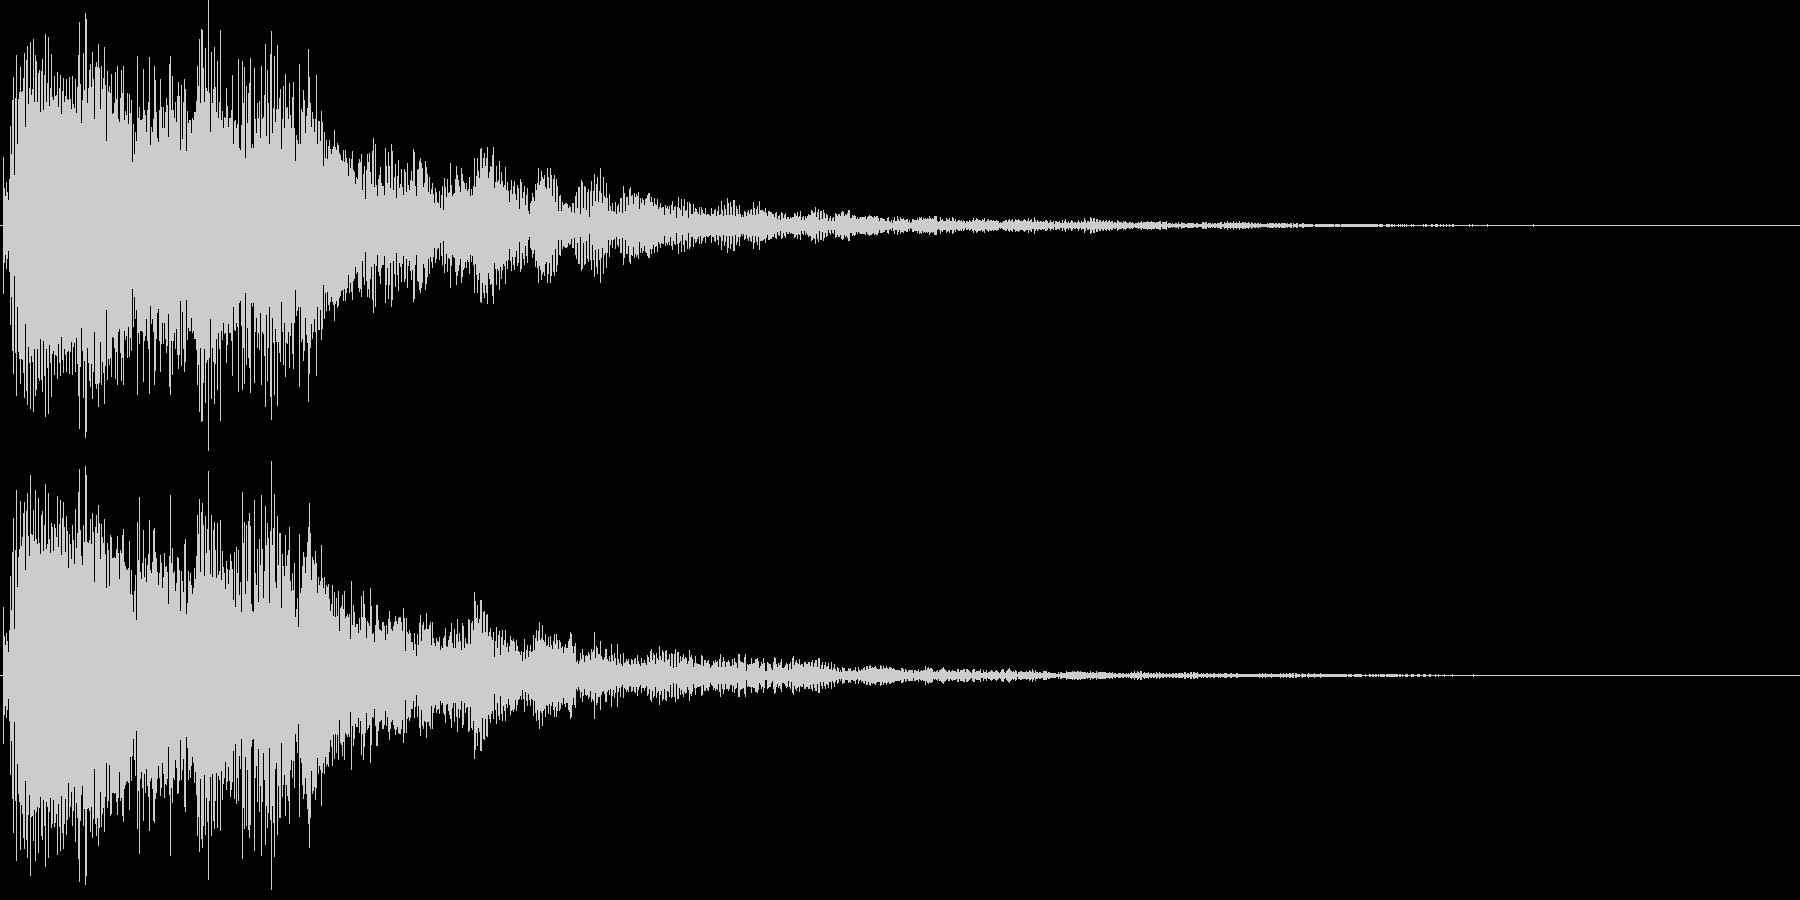 ジャララン(決定、レベルアップ、完了)の未再生の波形